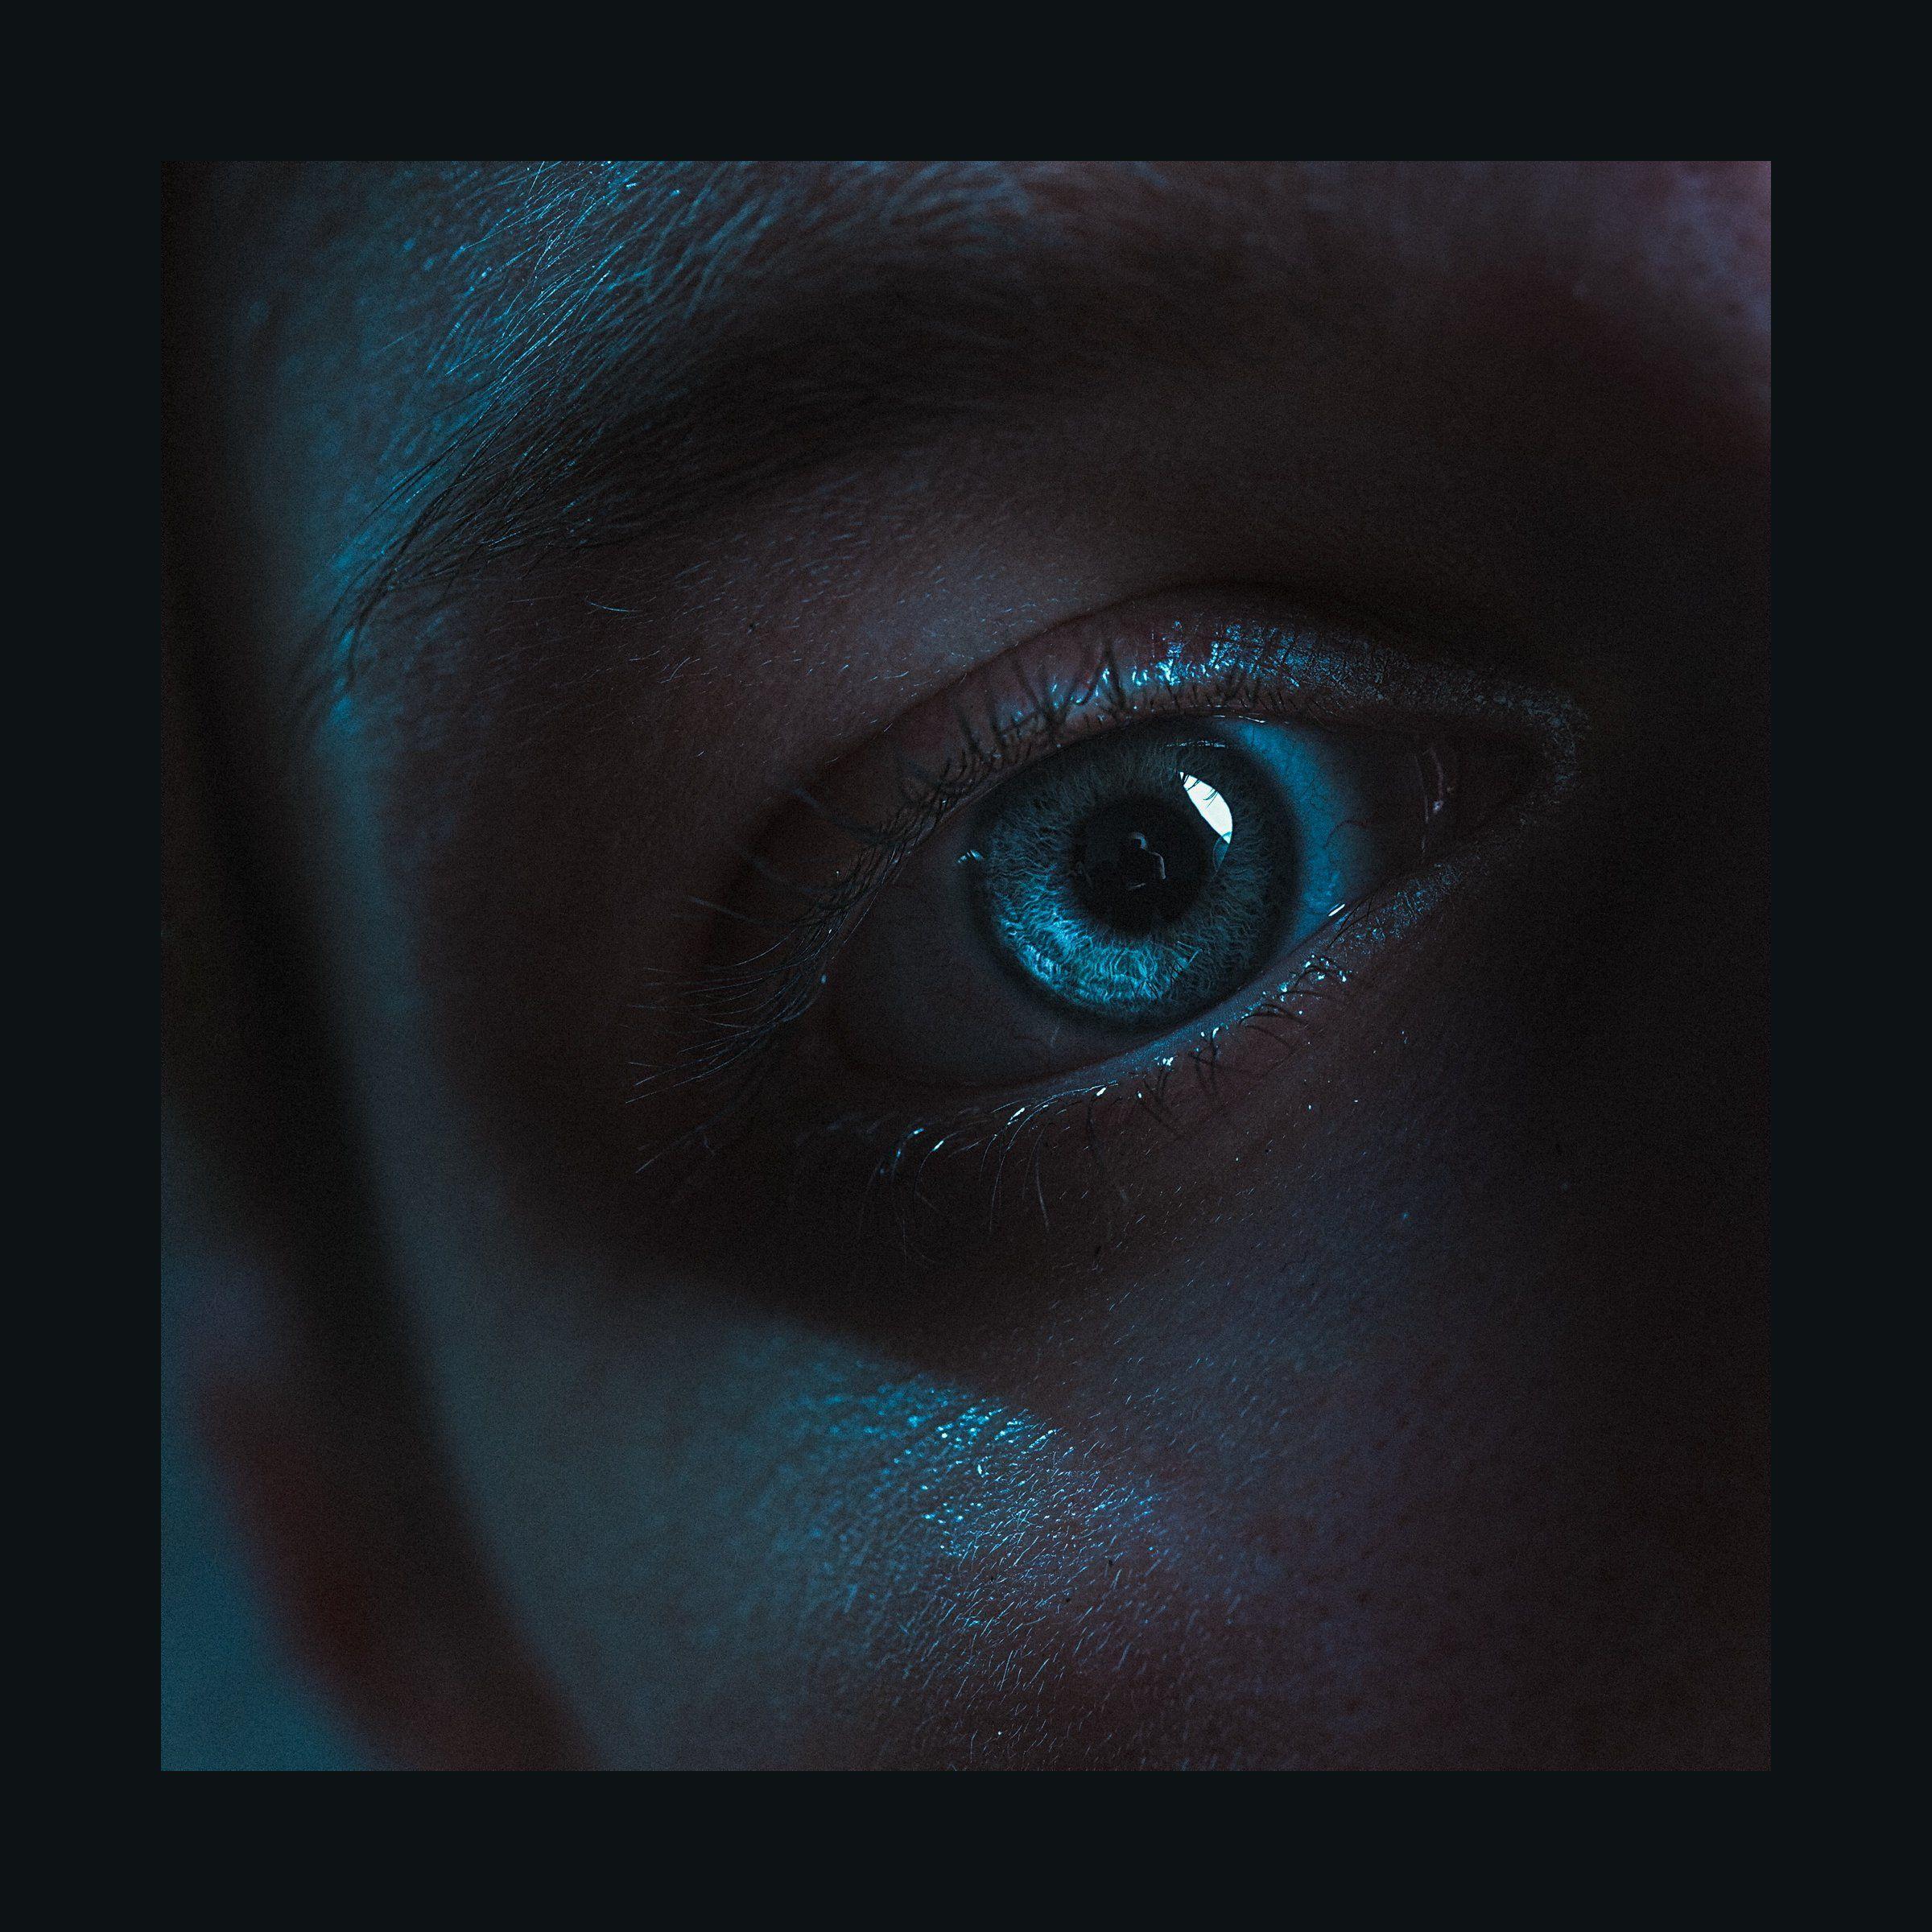 глаза, макро, портрет, студия, воронеж, цвет, голубой, лицо, девушка, Михаил Землянский